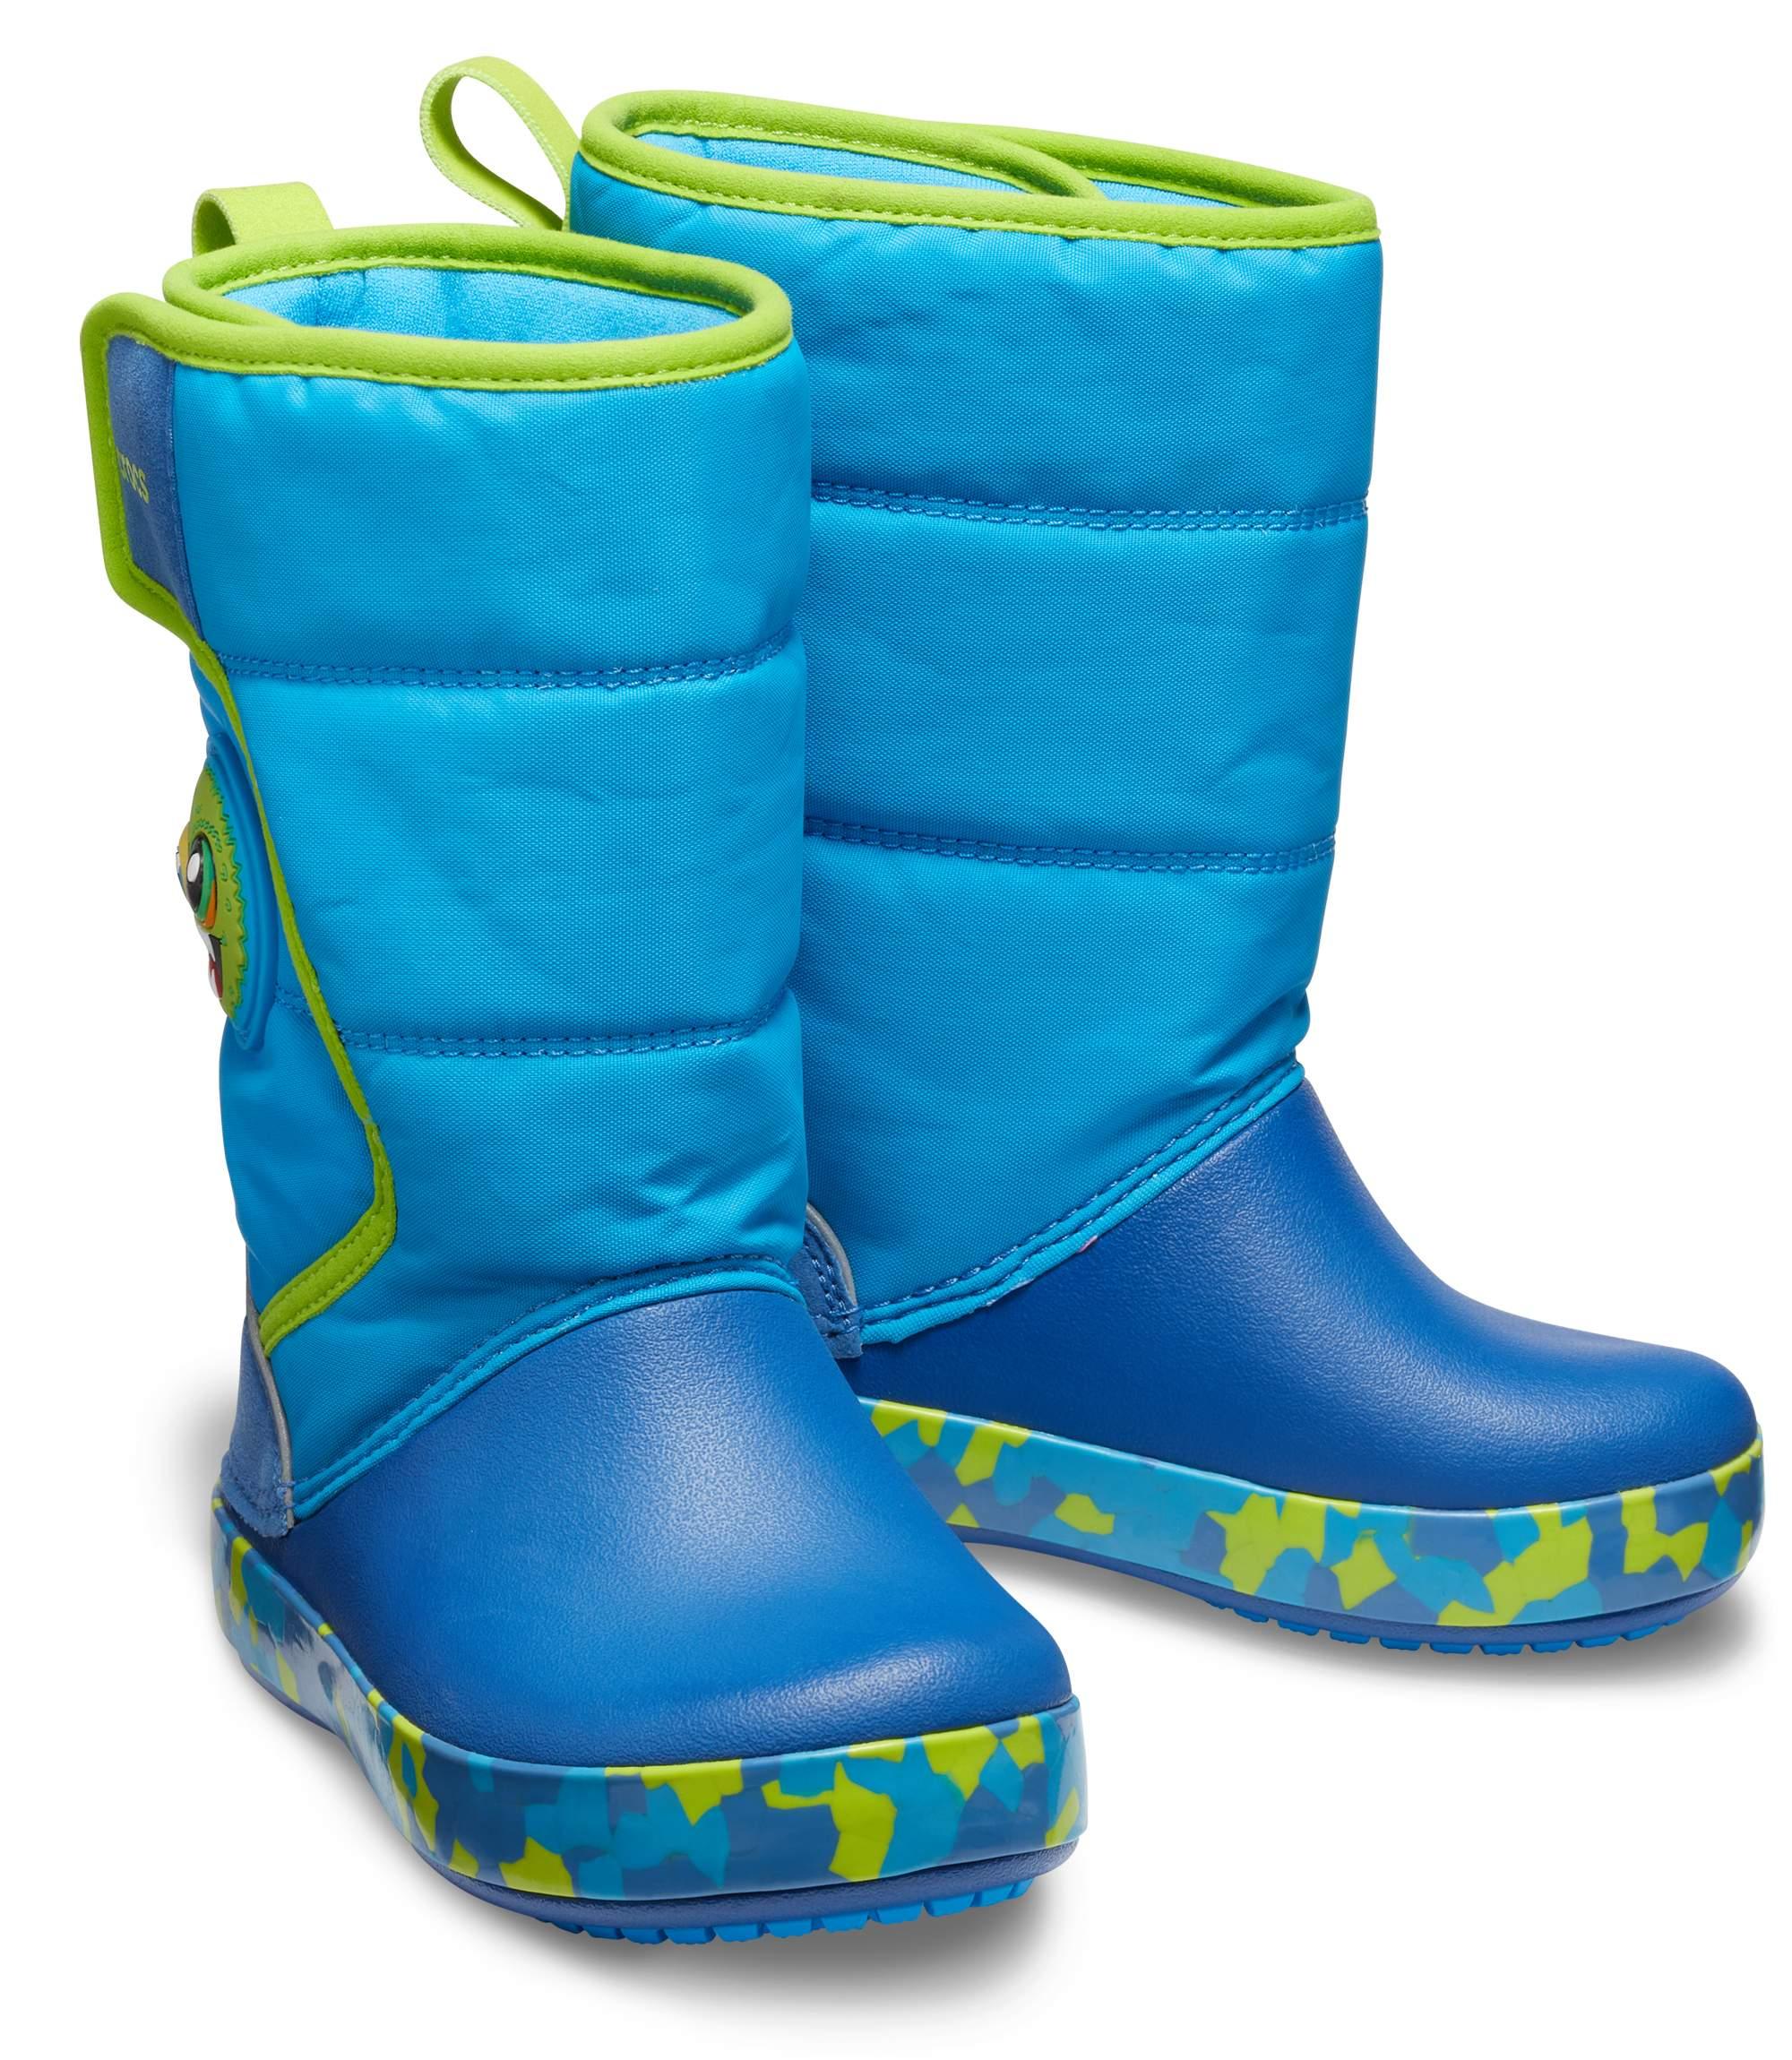 【クロックス公式】 クロックス ファン ラブ モンスター ライツ ブーツ キッズ Kids' Crocs Fun Lab Monster Lights Boot ユニセックス、キッズ、子供用、男の子、女の子、男女兼用 ライトブルー/青 19cm,19.5cm,20cm,21cm boot ブーツ